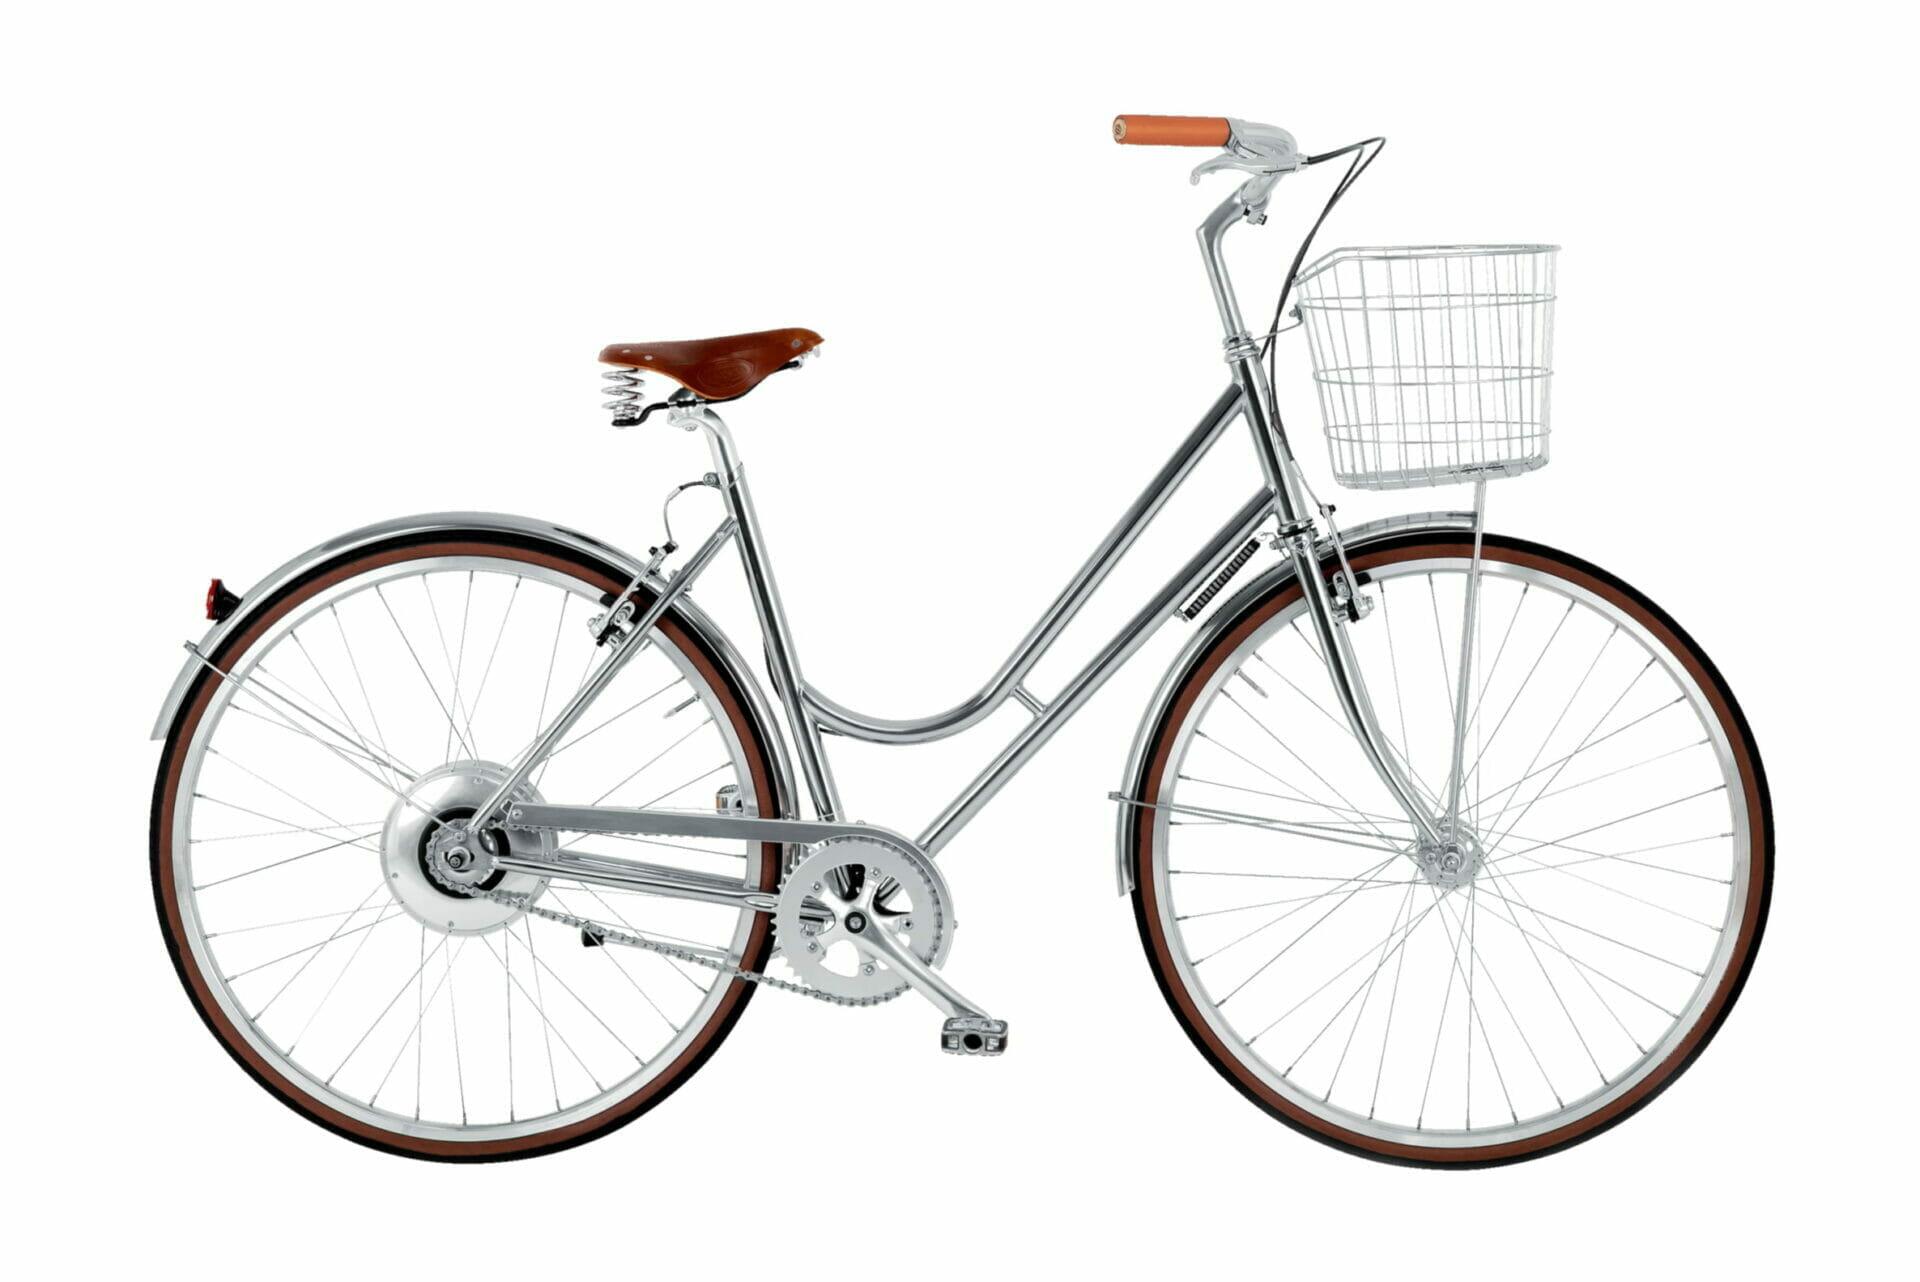 Köp cykelkorgar till elcyklar online | ElCykelvaruhuset.se